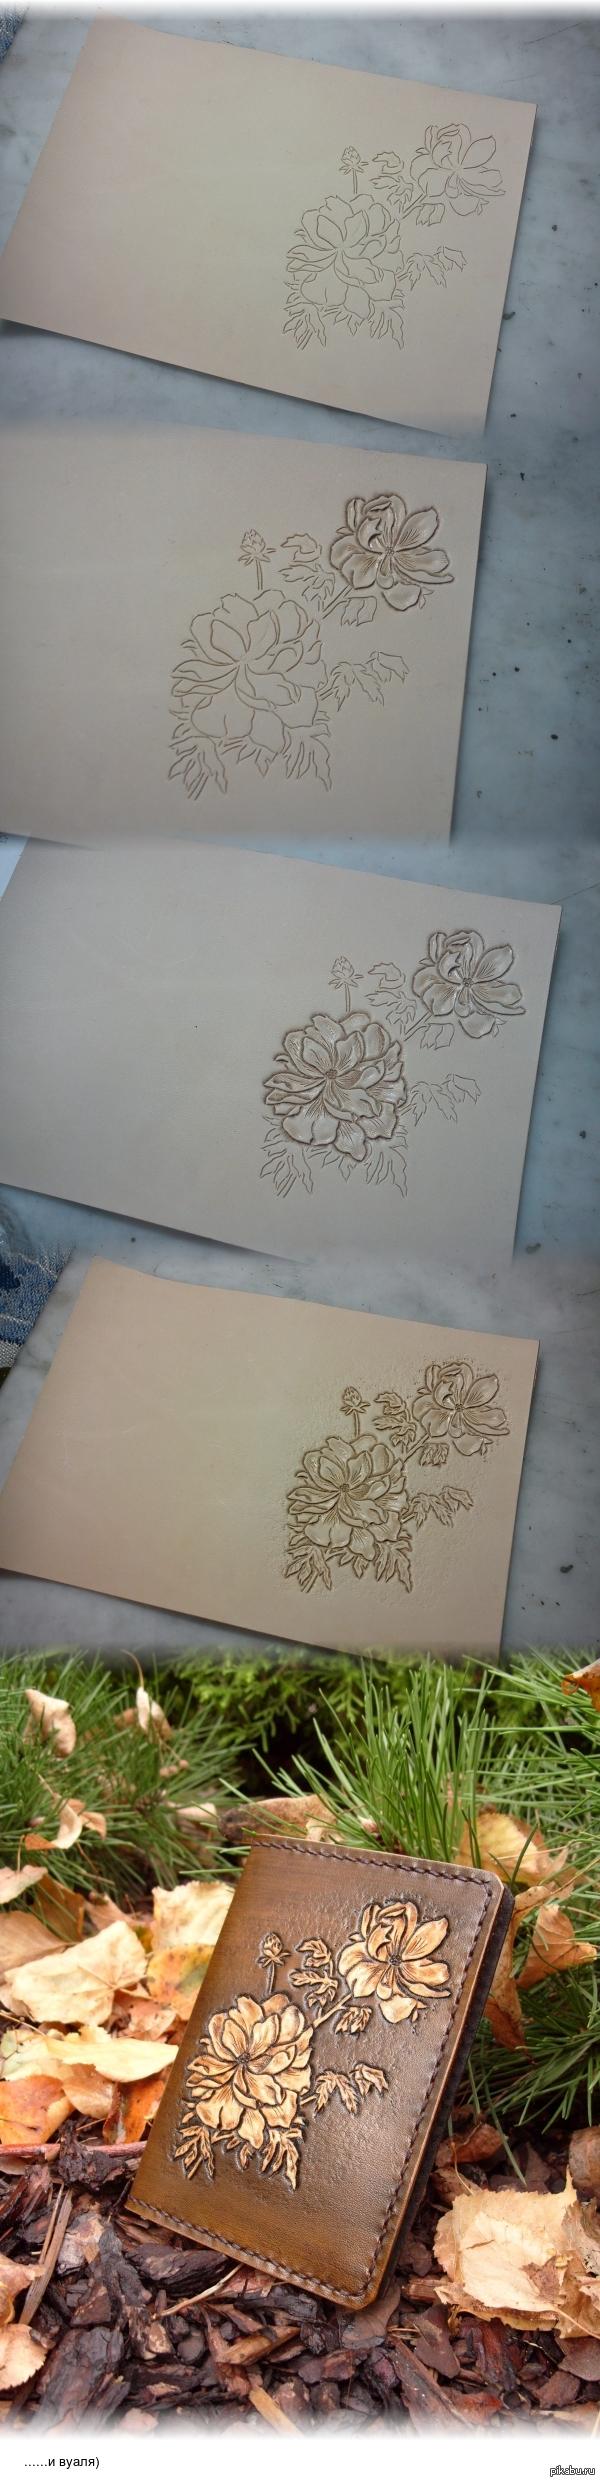 Как я делала цветок.... Ручная резьба очень интересное занятие, вот так рождается цветок... из ничего, с пустого места. Кожа растительного типа дубления.